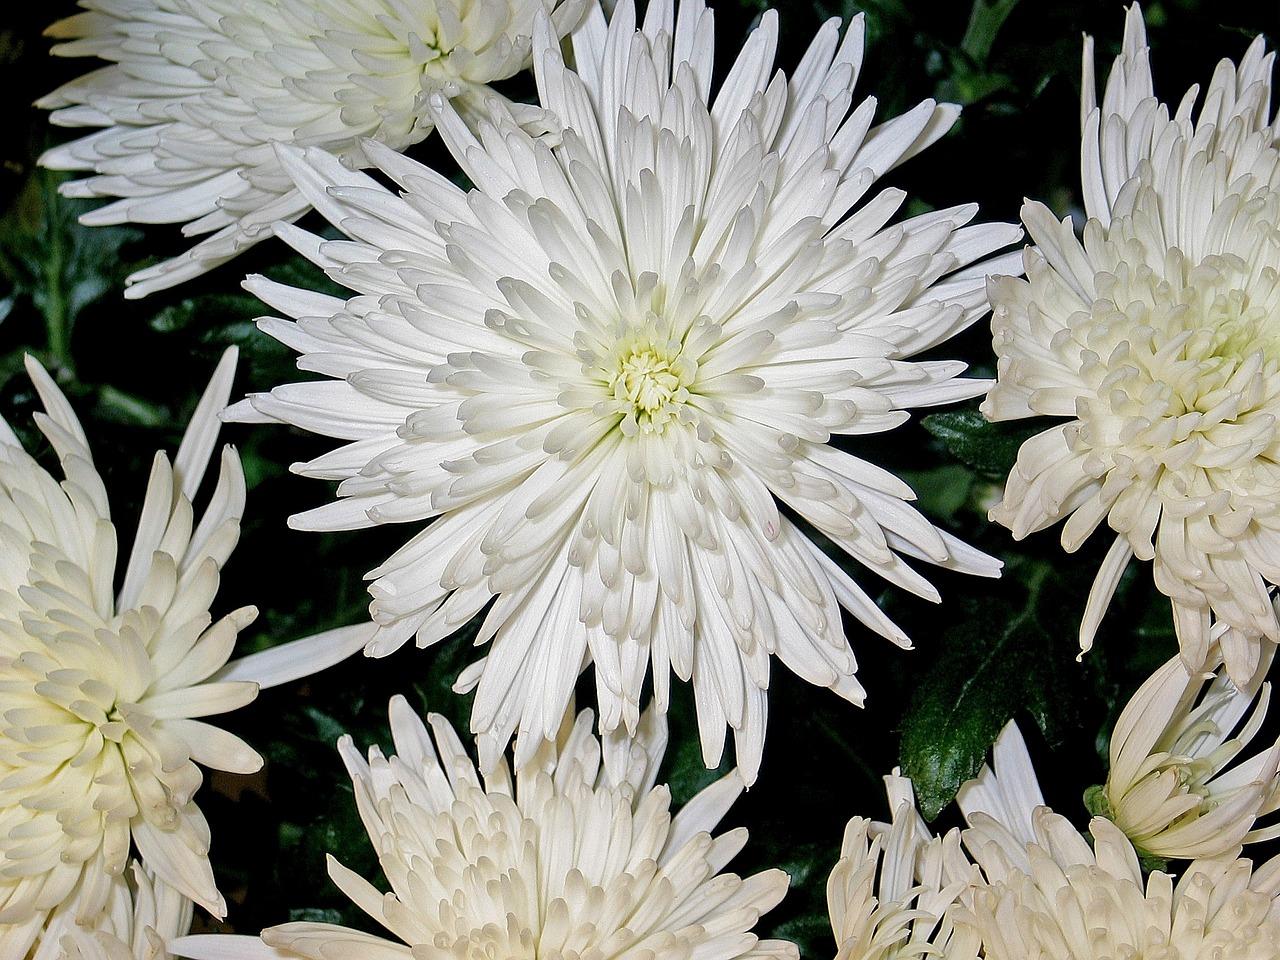 Chrysanthemumsastersflowerimpressionwhite free photo from chrysanthemumsastersflowerimpressionwhitepurityrestbouquet mightylinksfo